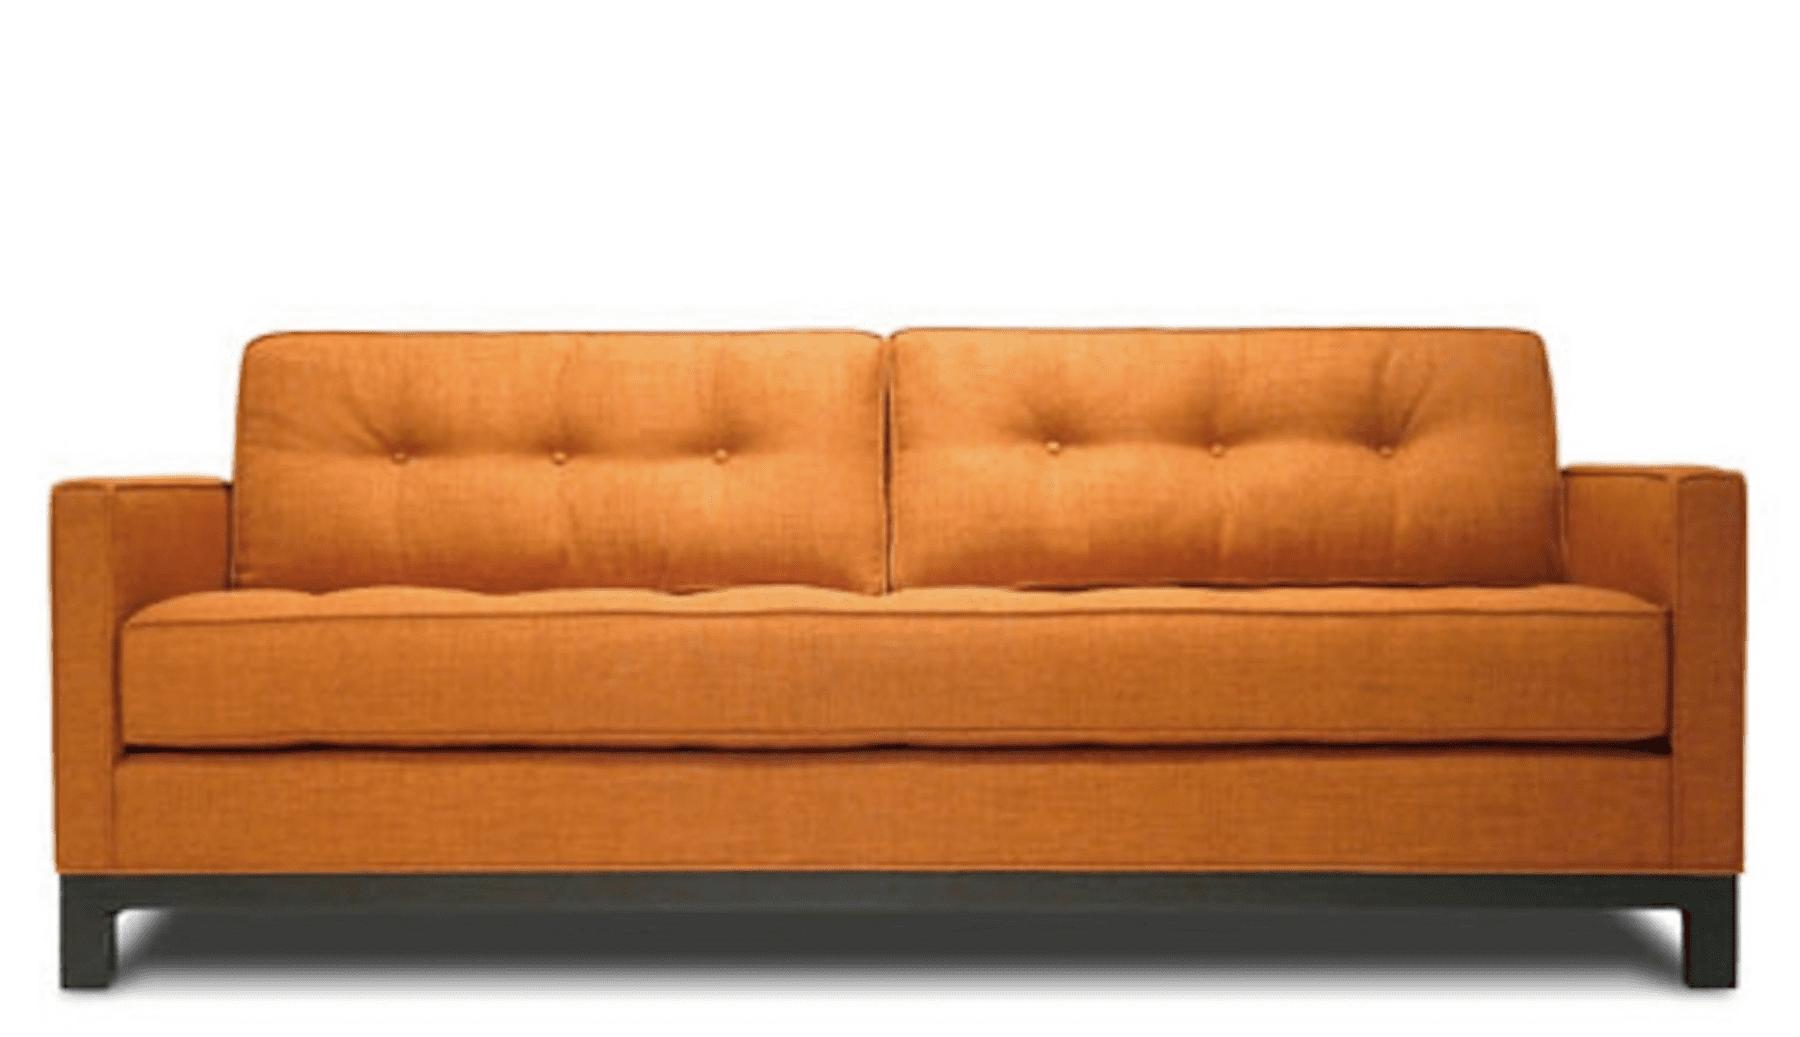 10 Stunning Mid Century Modern Sofas